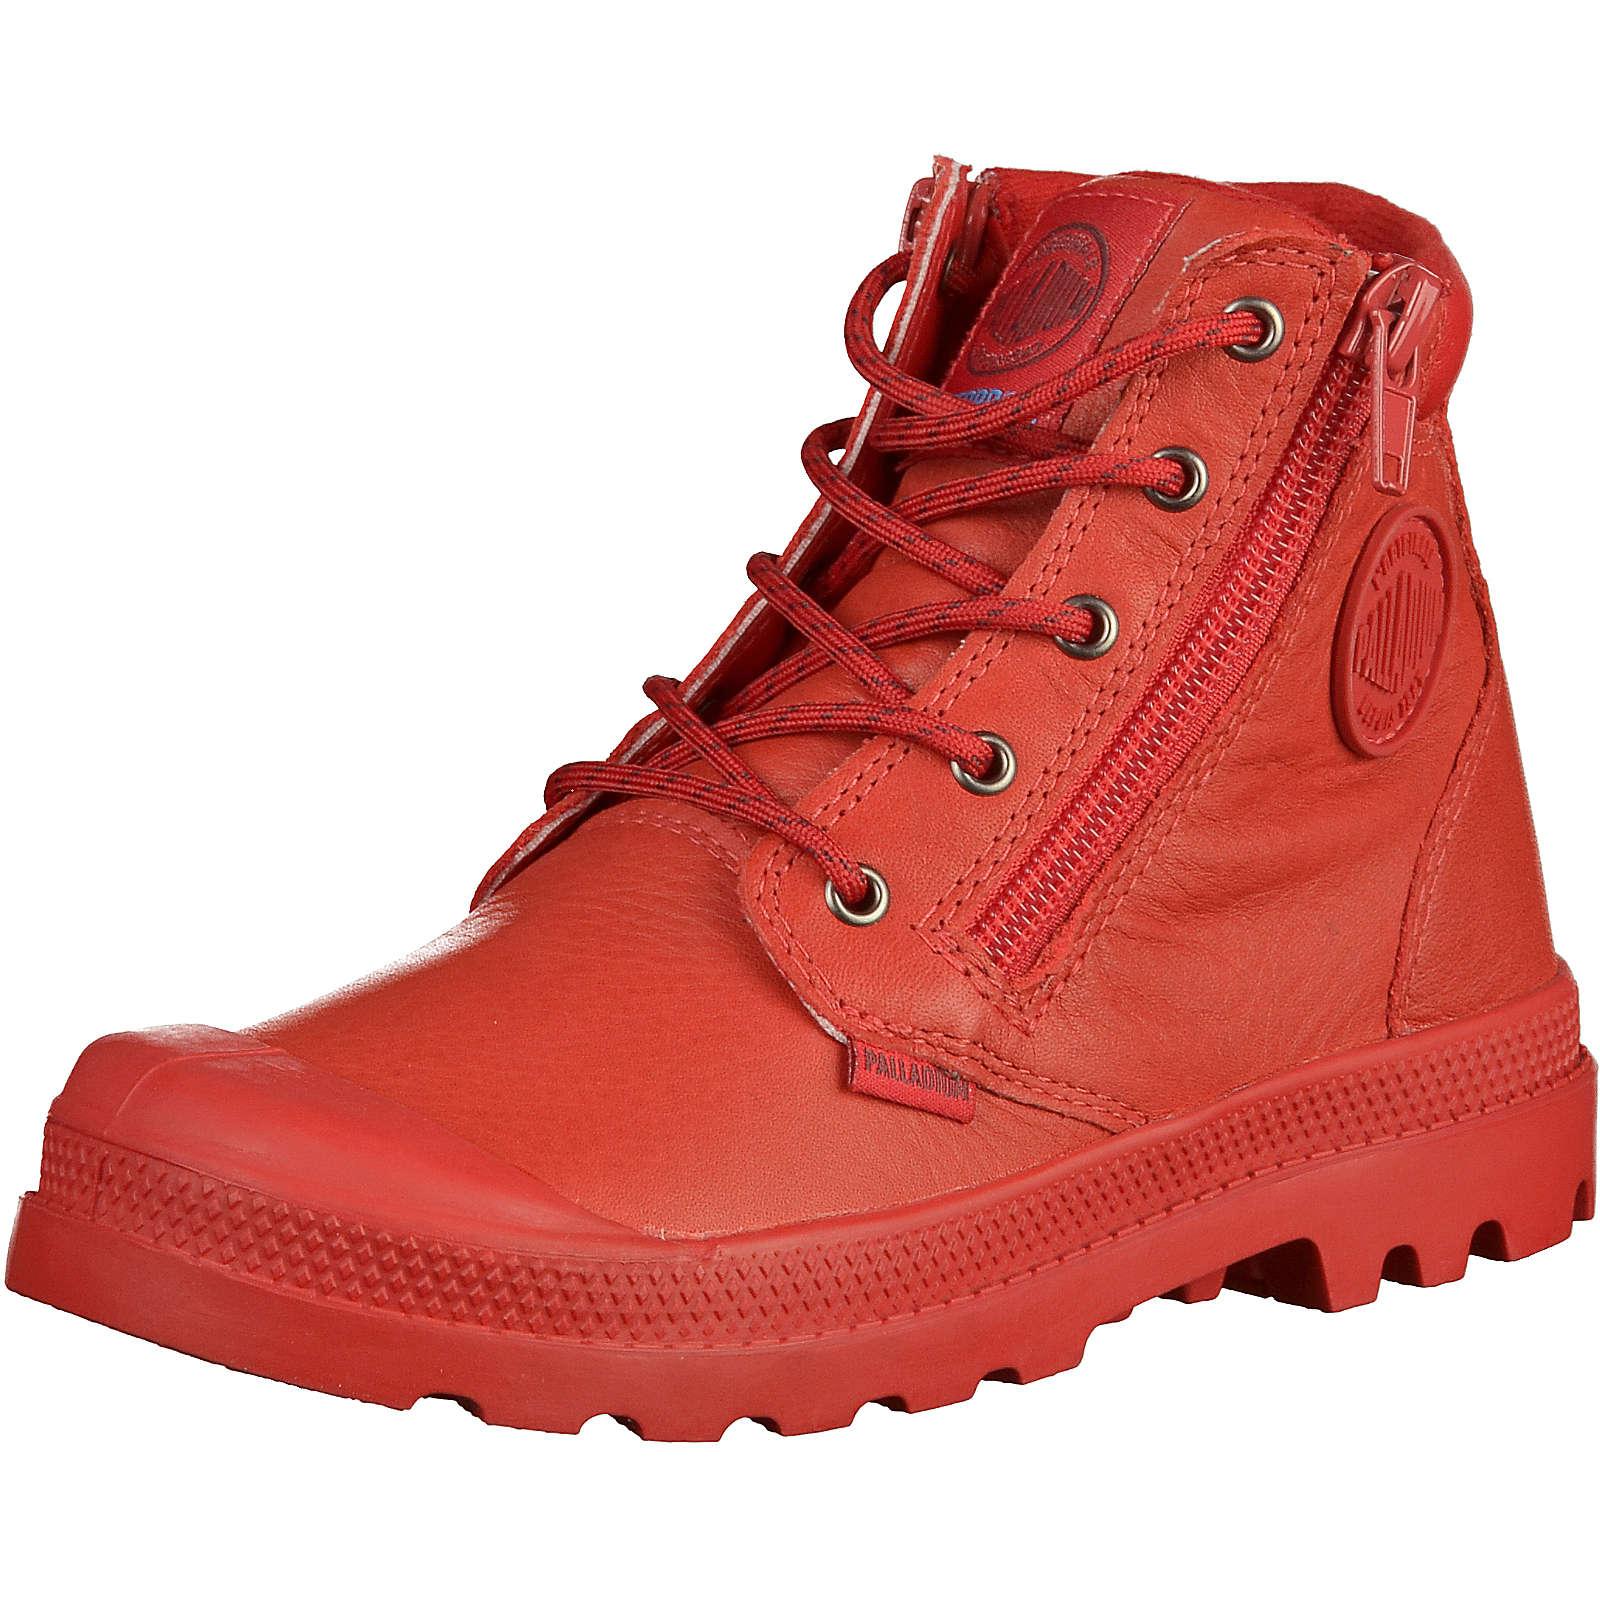 Palladium Kinder Stiefel rot Gr. 31